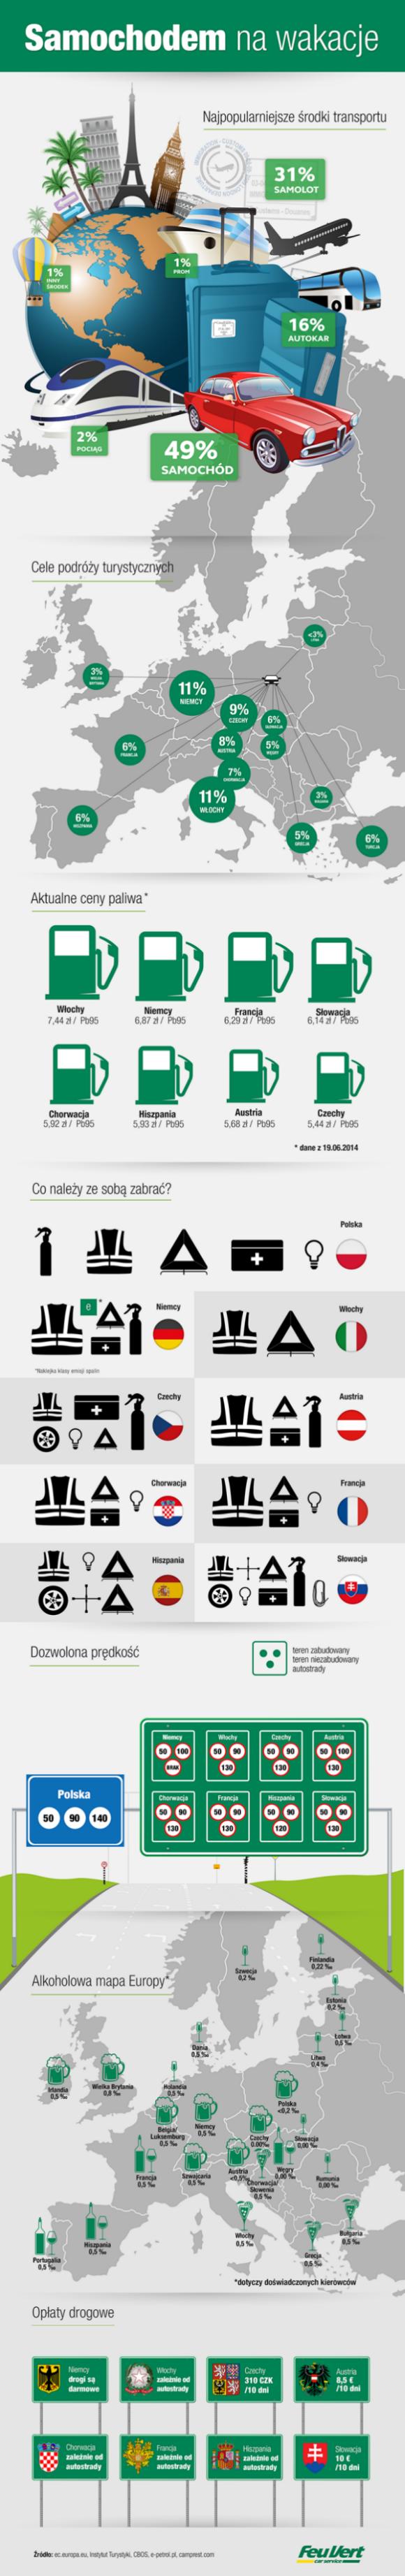 Samochodem na wakacje infografika